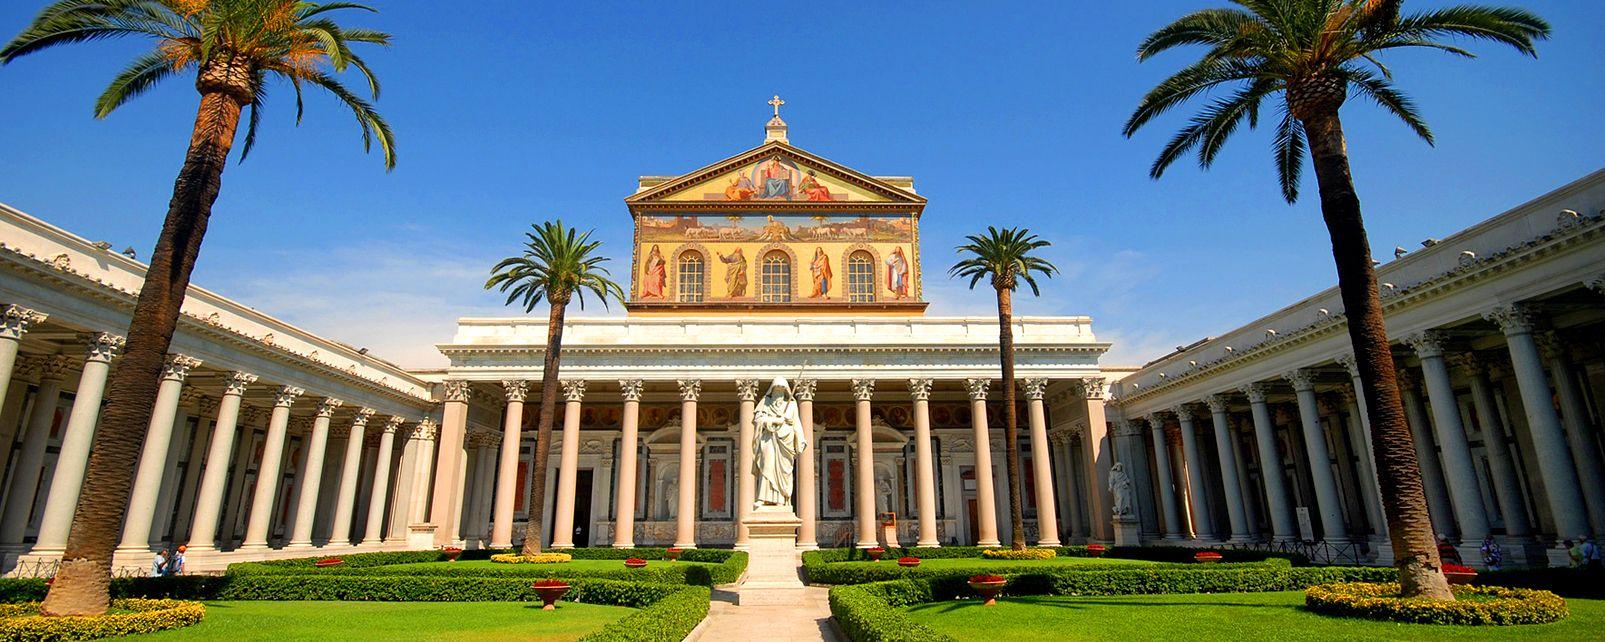 Spa Fuori Roma